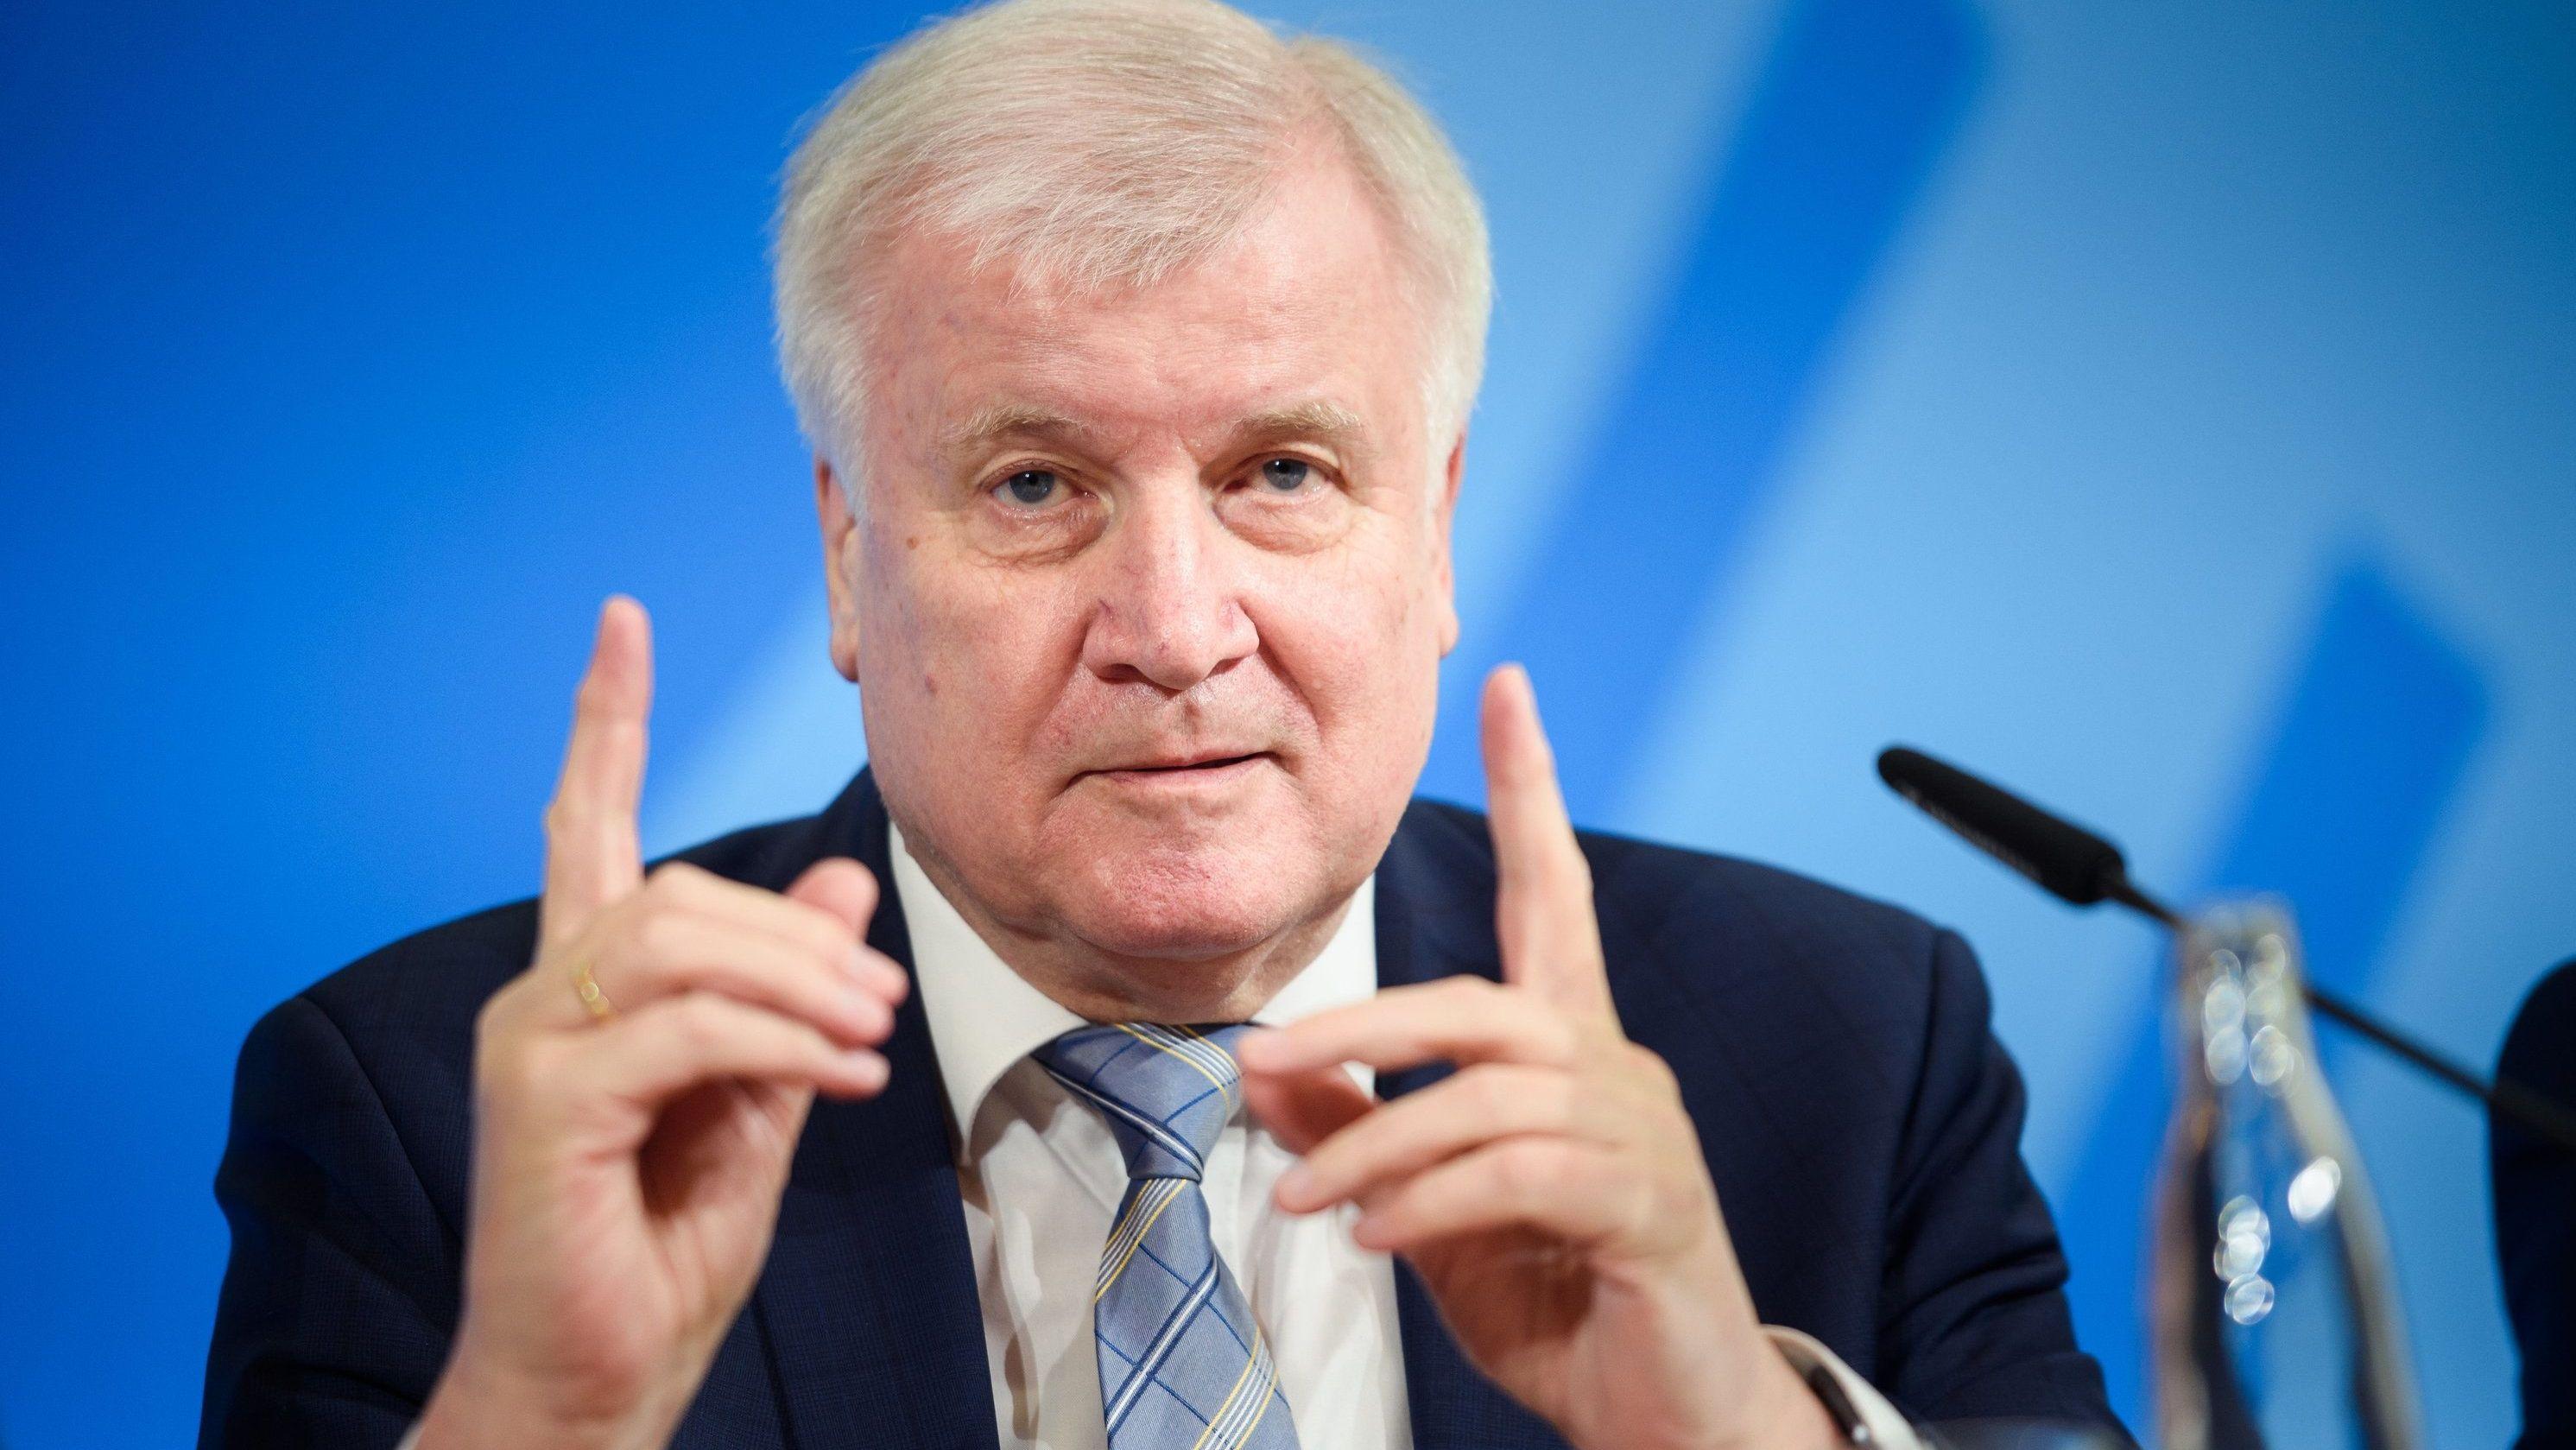 Horst Seehofer (CSU), Bundesminister des Innern, für Bau und Heimat